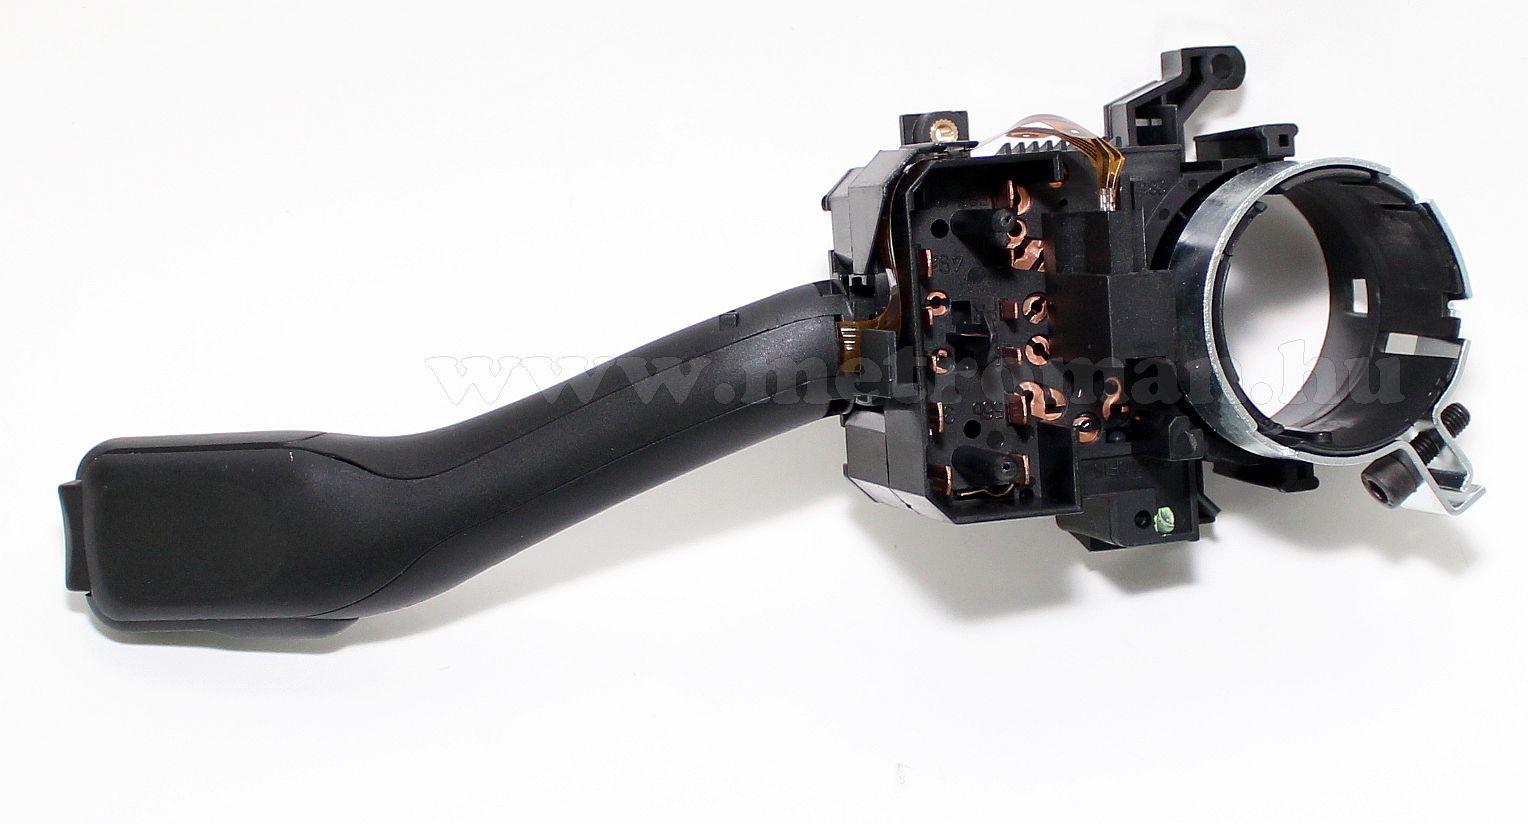 Skoda VW Seat gyárival egyező tempomat, Skoda TEMP SUPERB